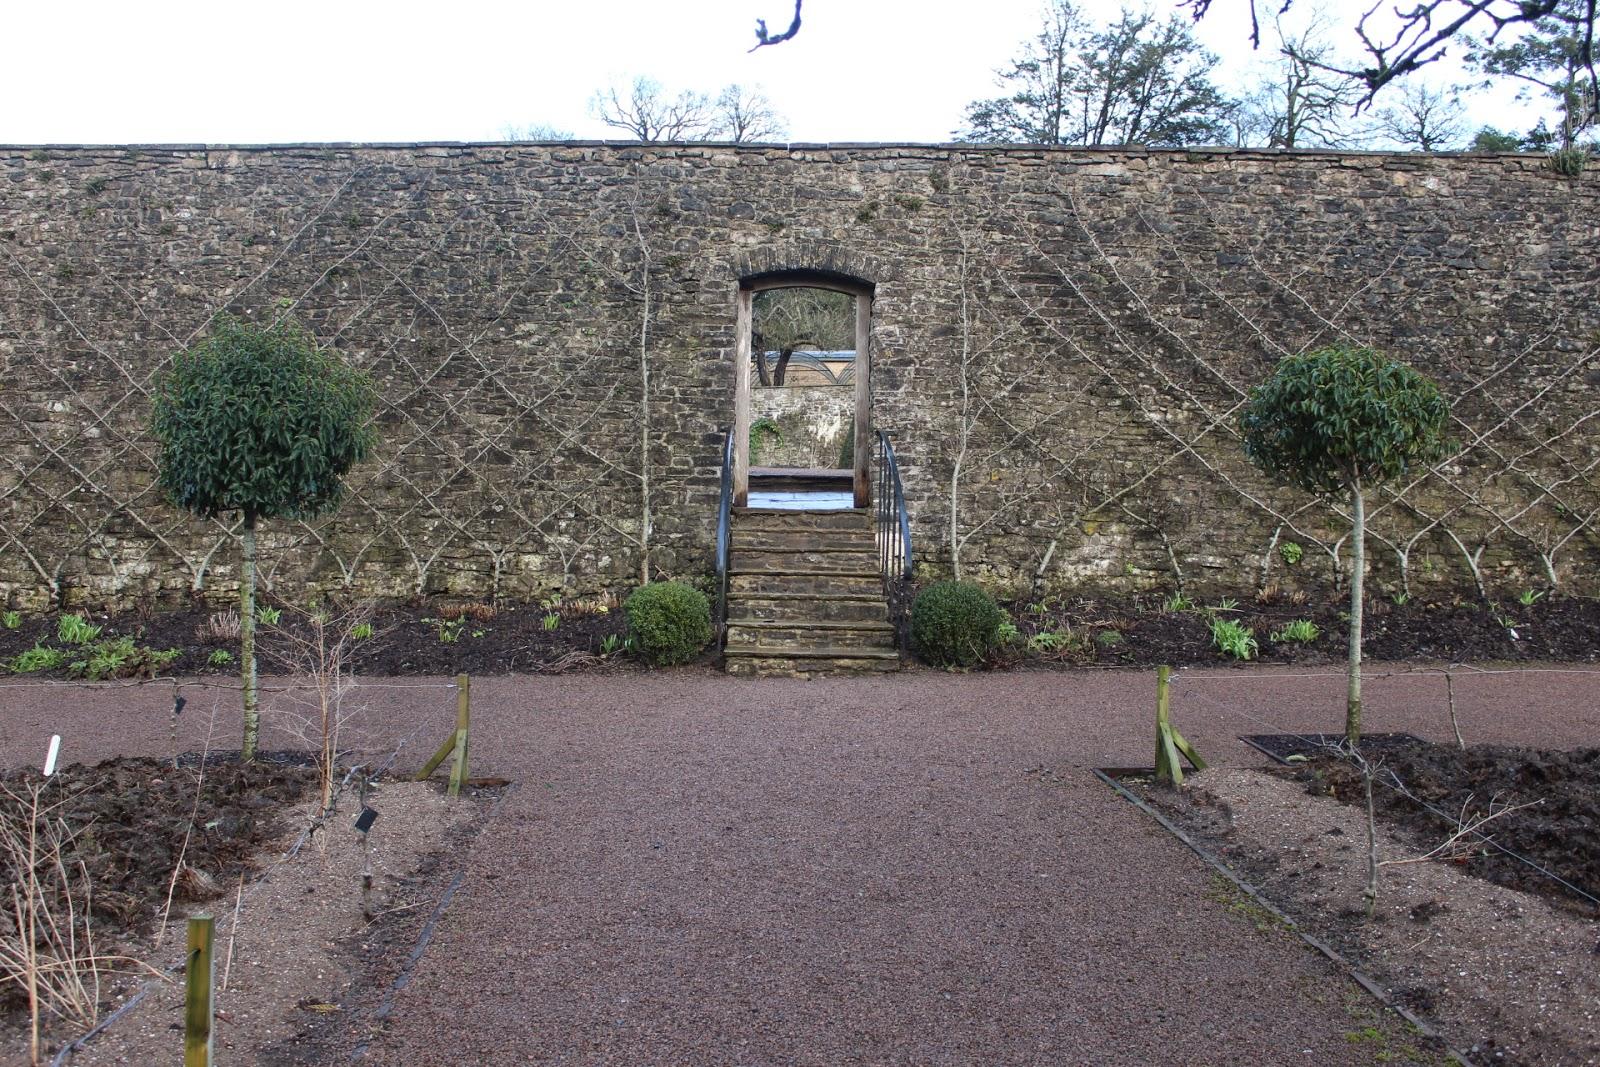 Belgian Fence at Aberglasney